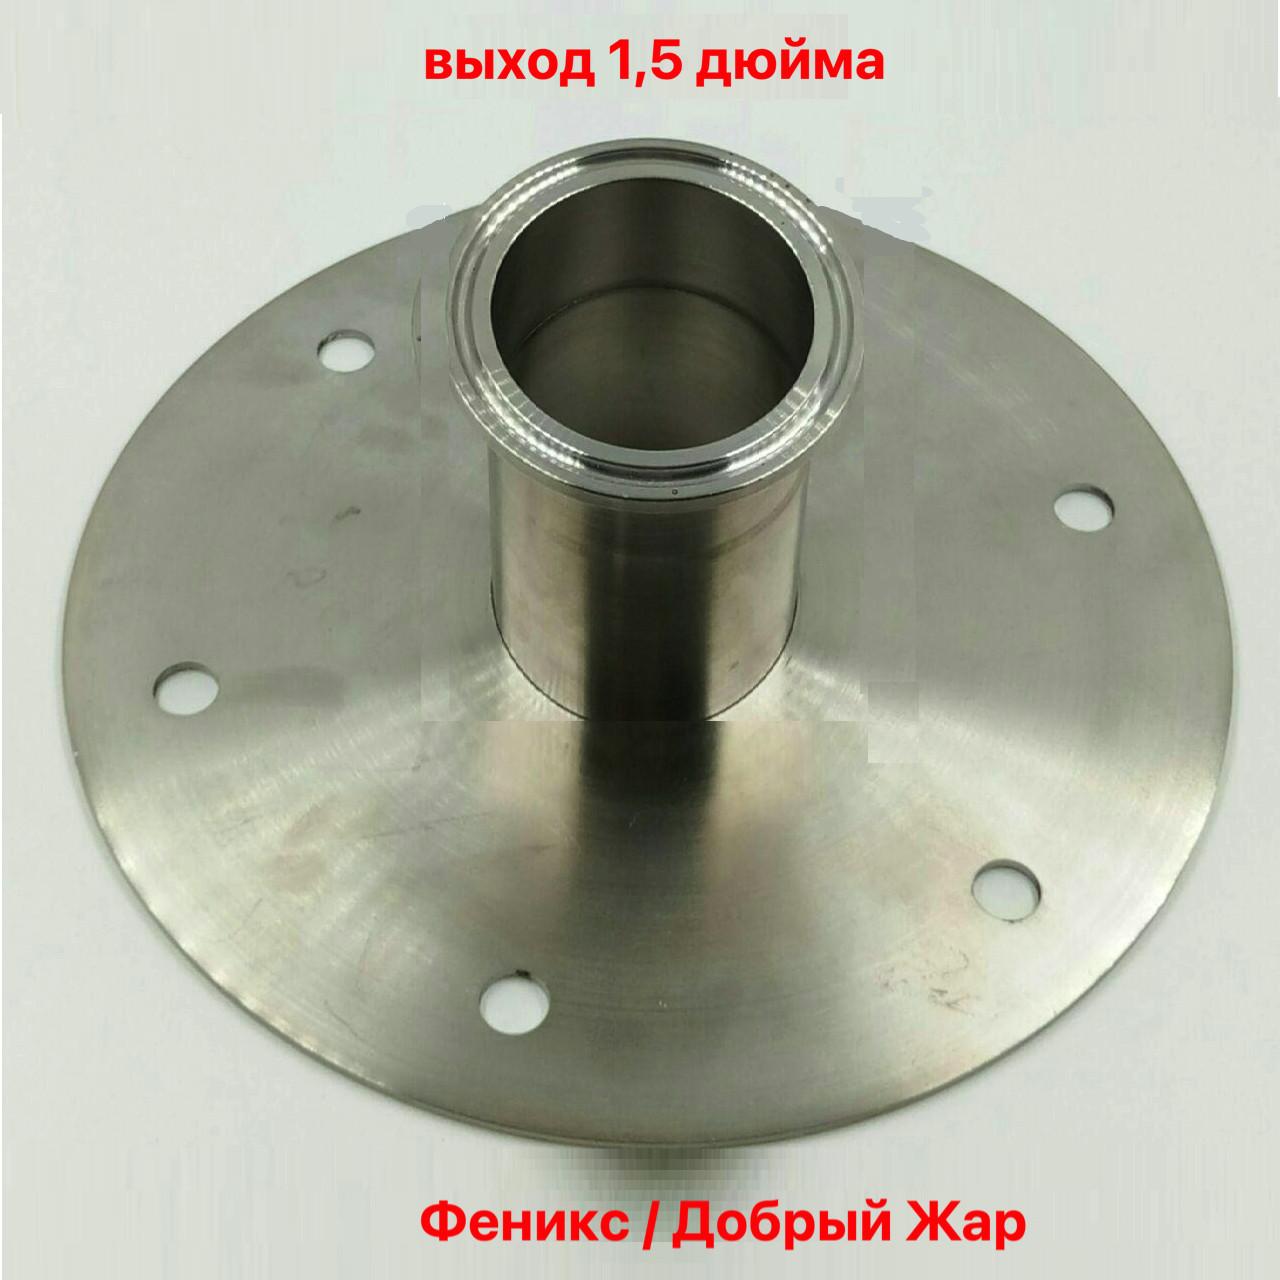 Фланец для кубов Феникс/Добрый Жар 1,5 дюйма